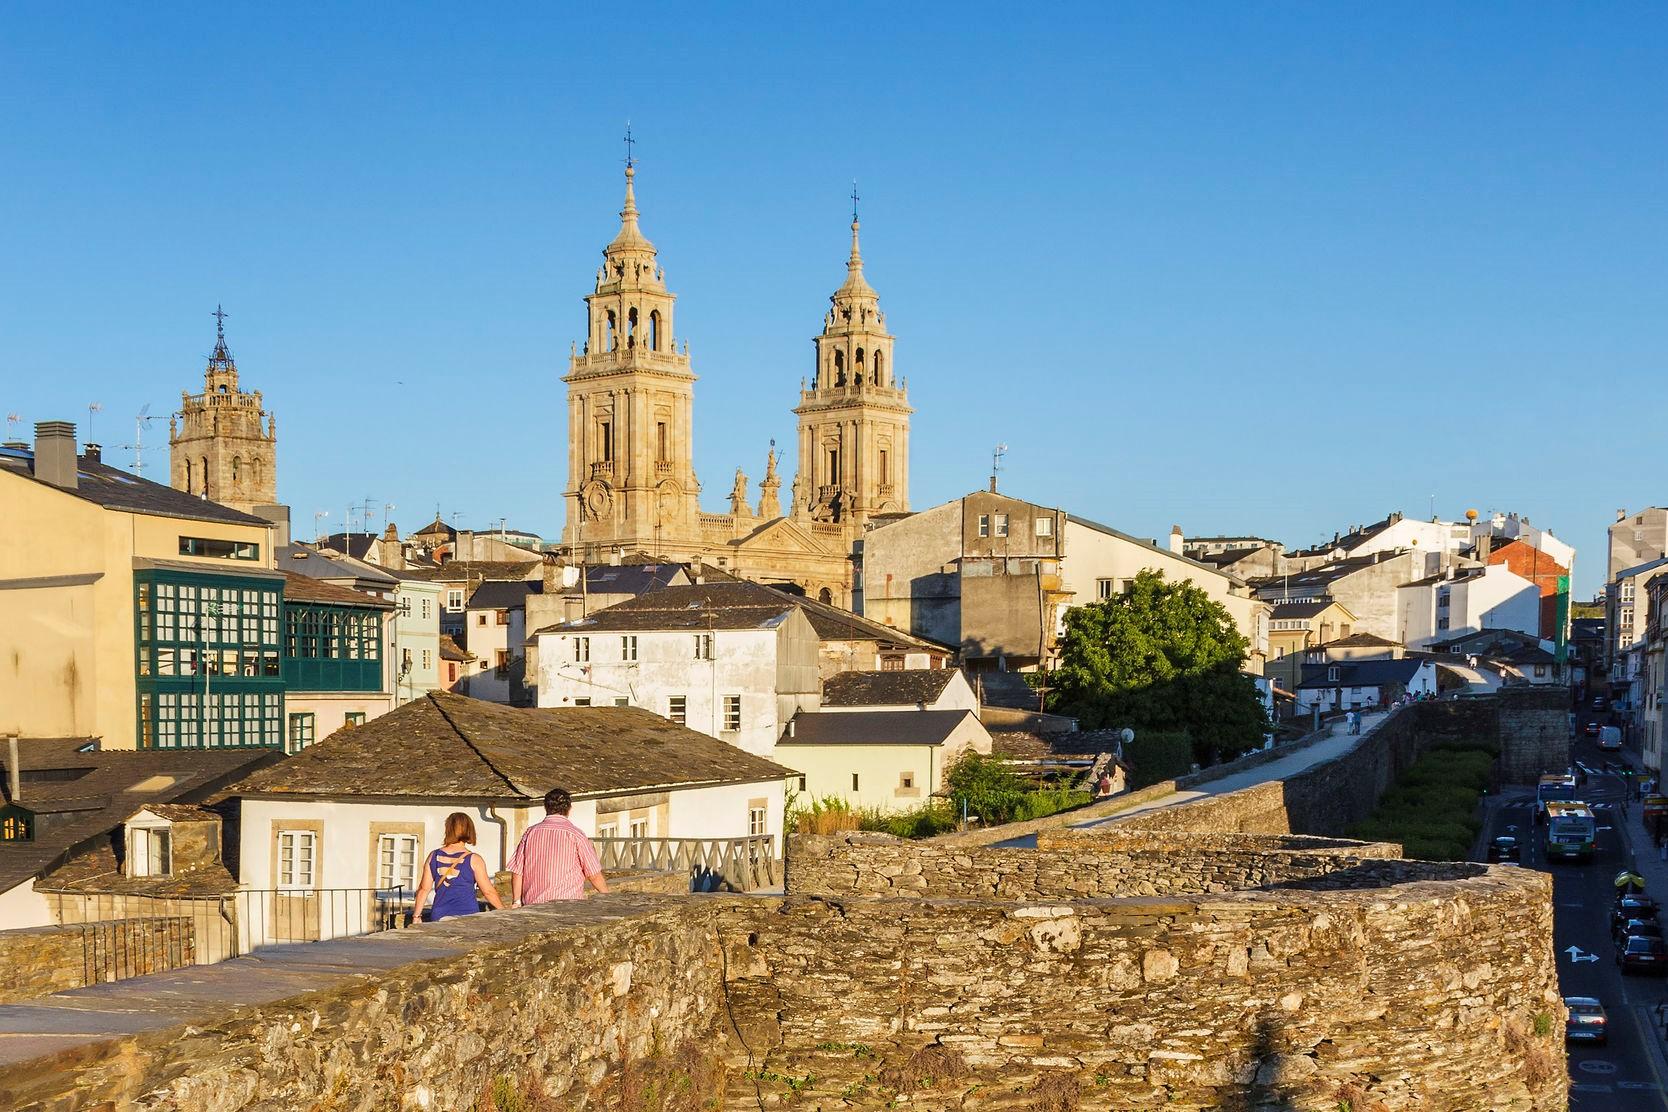 北スペインのサンティアゴ巡礼路の経由地であるルーゴ大聖堂とローマ城壁